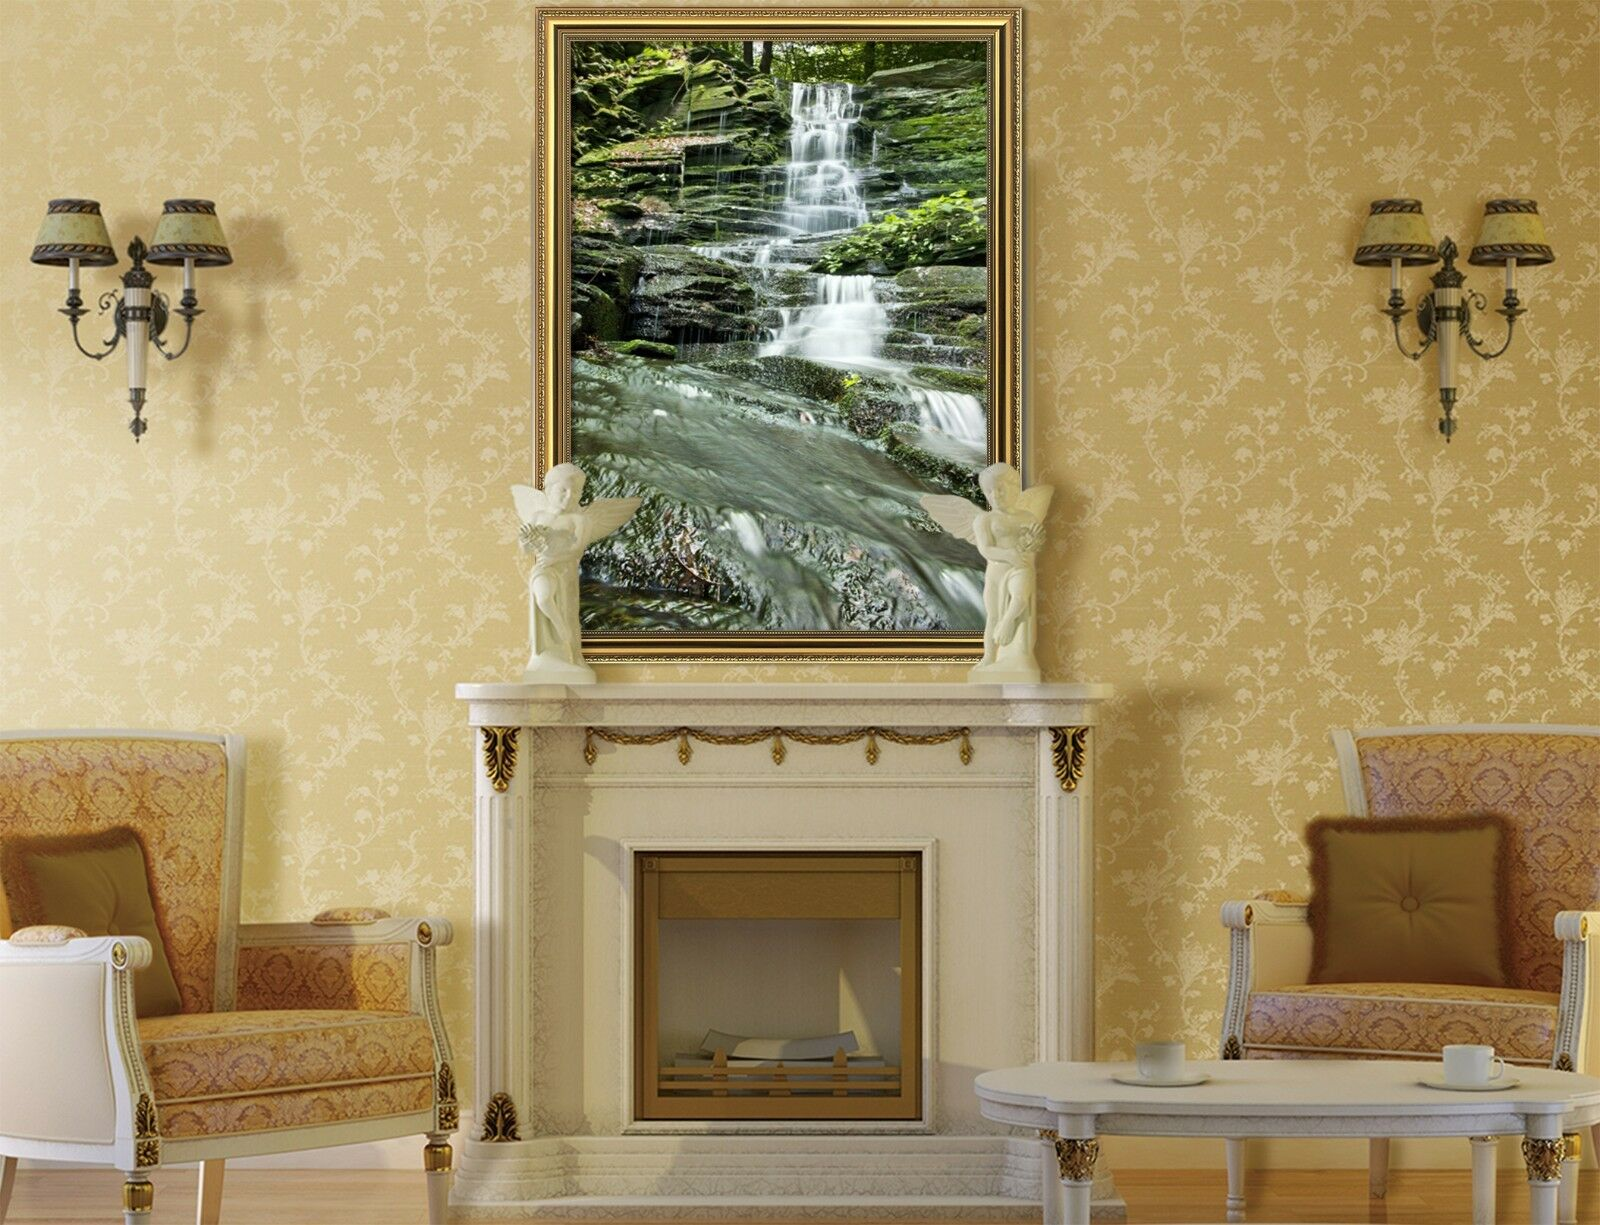 3D piedras Creek 12 Póster Enmarcado Musgo Decoración del Hogar Pintura de Impresión Arte AJ Wallpaper